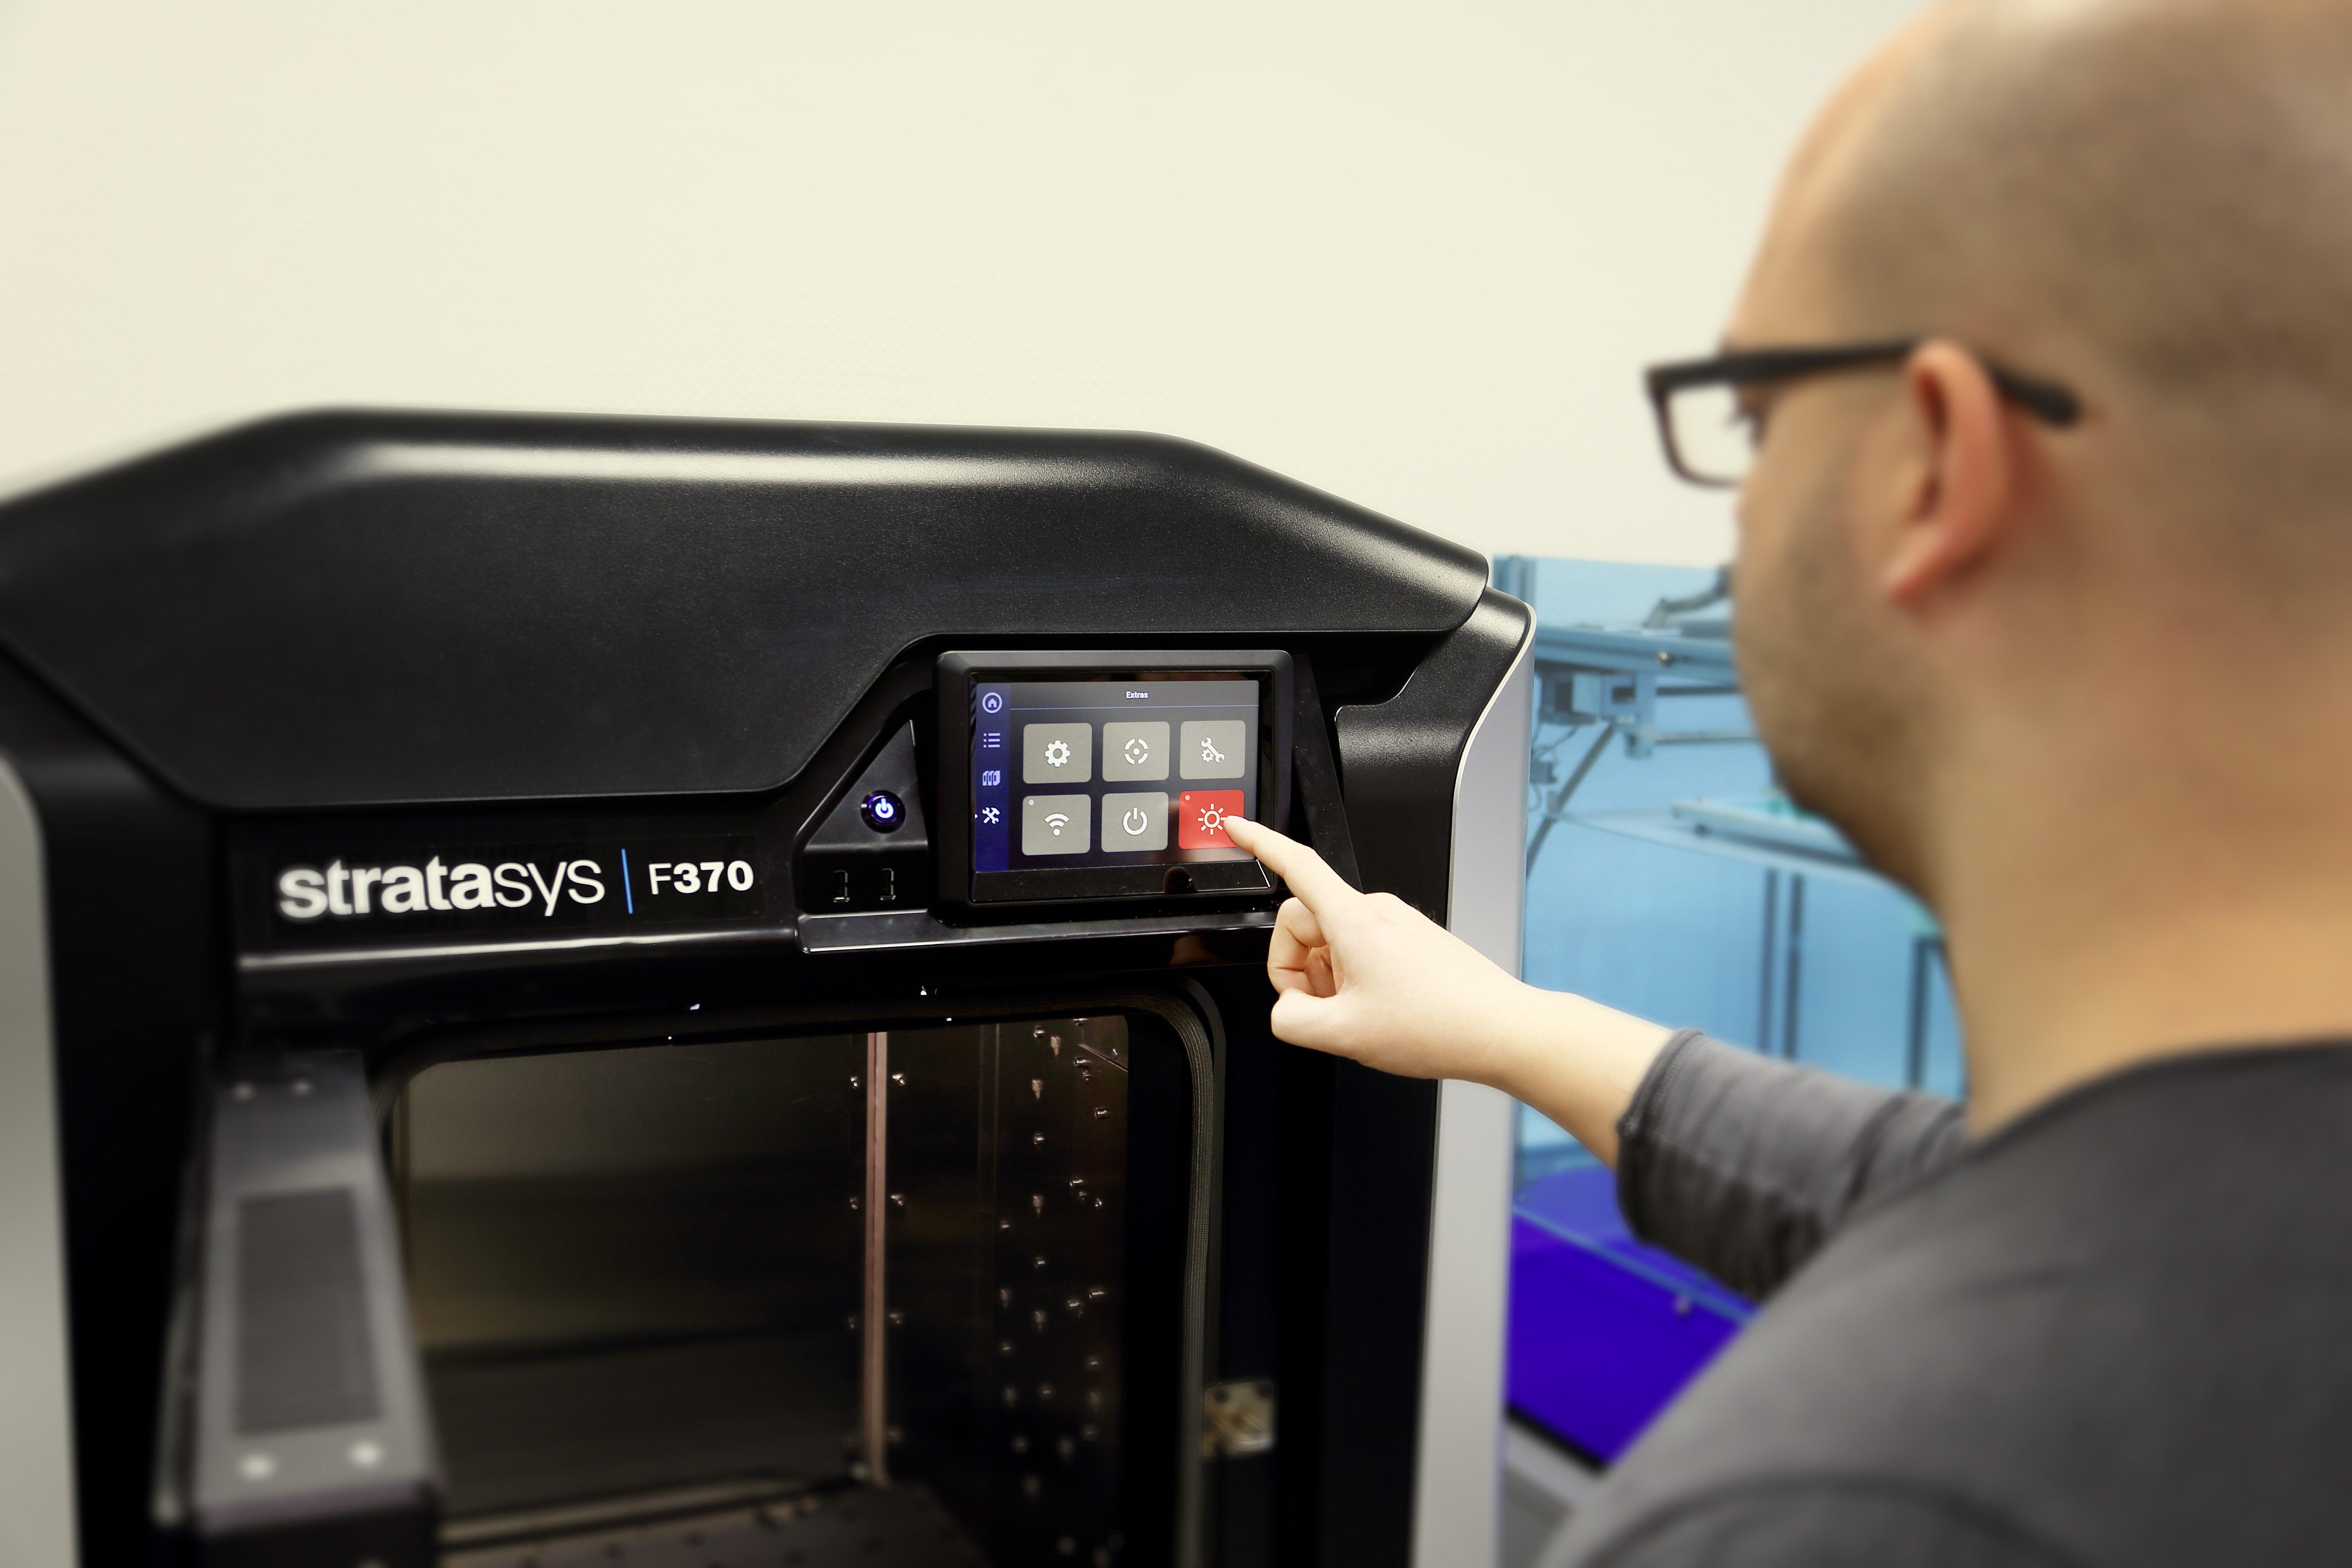 Fertigung von Prototypen mit 3D-Druckern